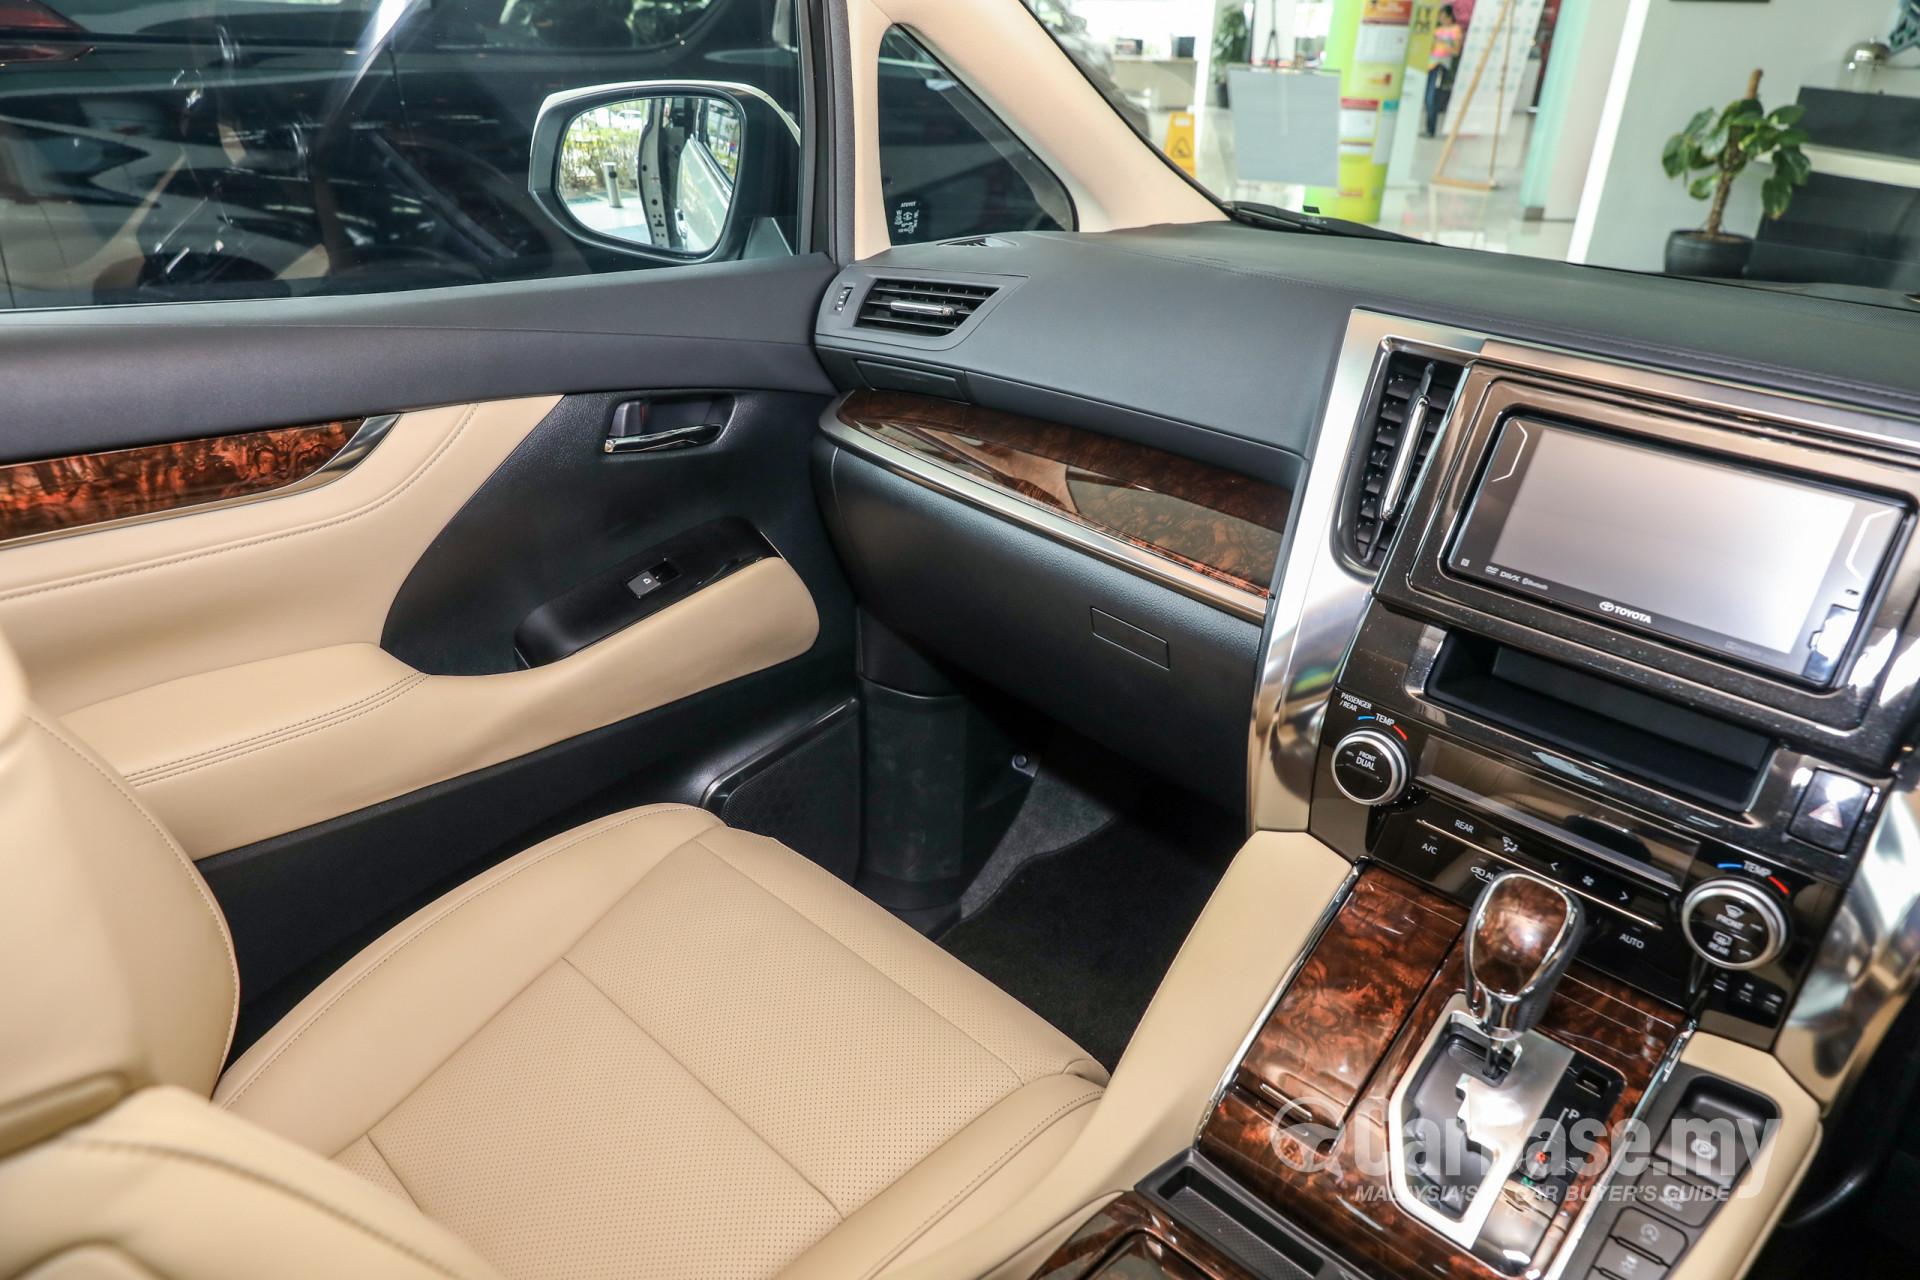 interior all new alphard 2018 kijang innova harga toyota ah30 facelift image 47620 in variant 3 5